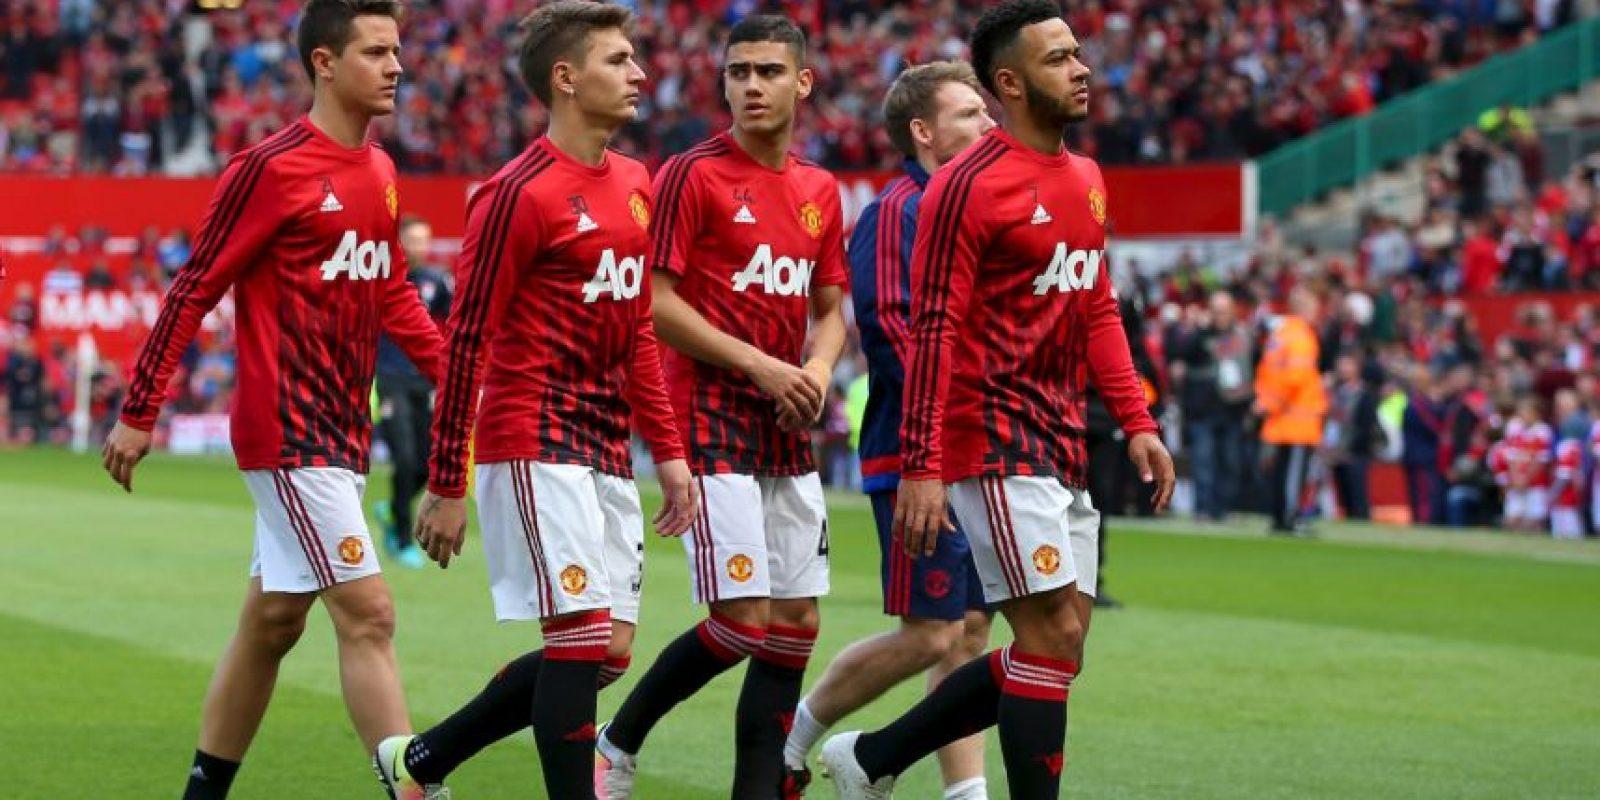 Los jugadores se retiraron desconcertados. Foto:Getty Images